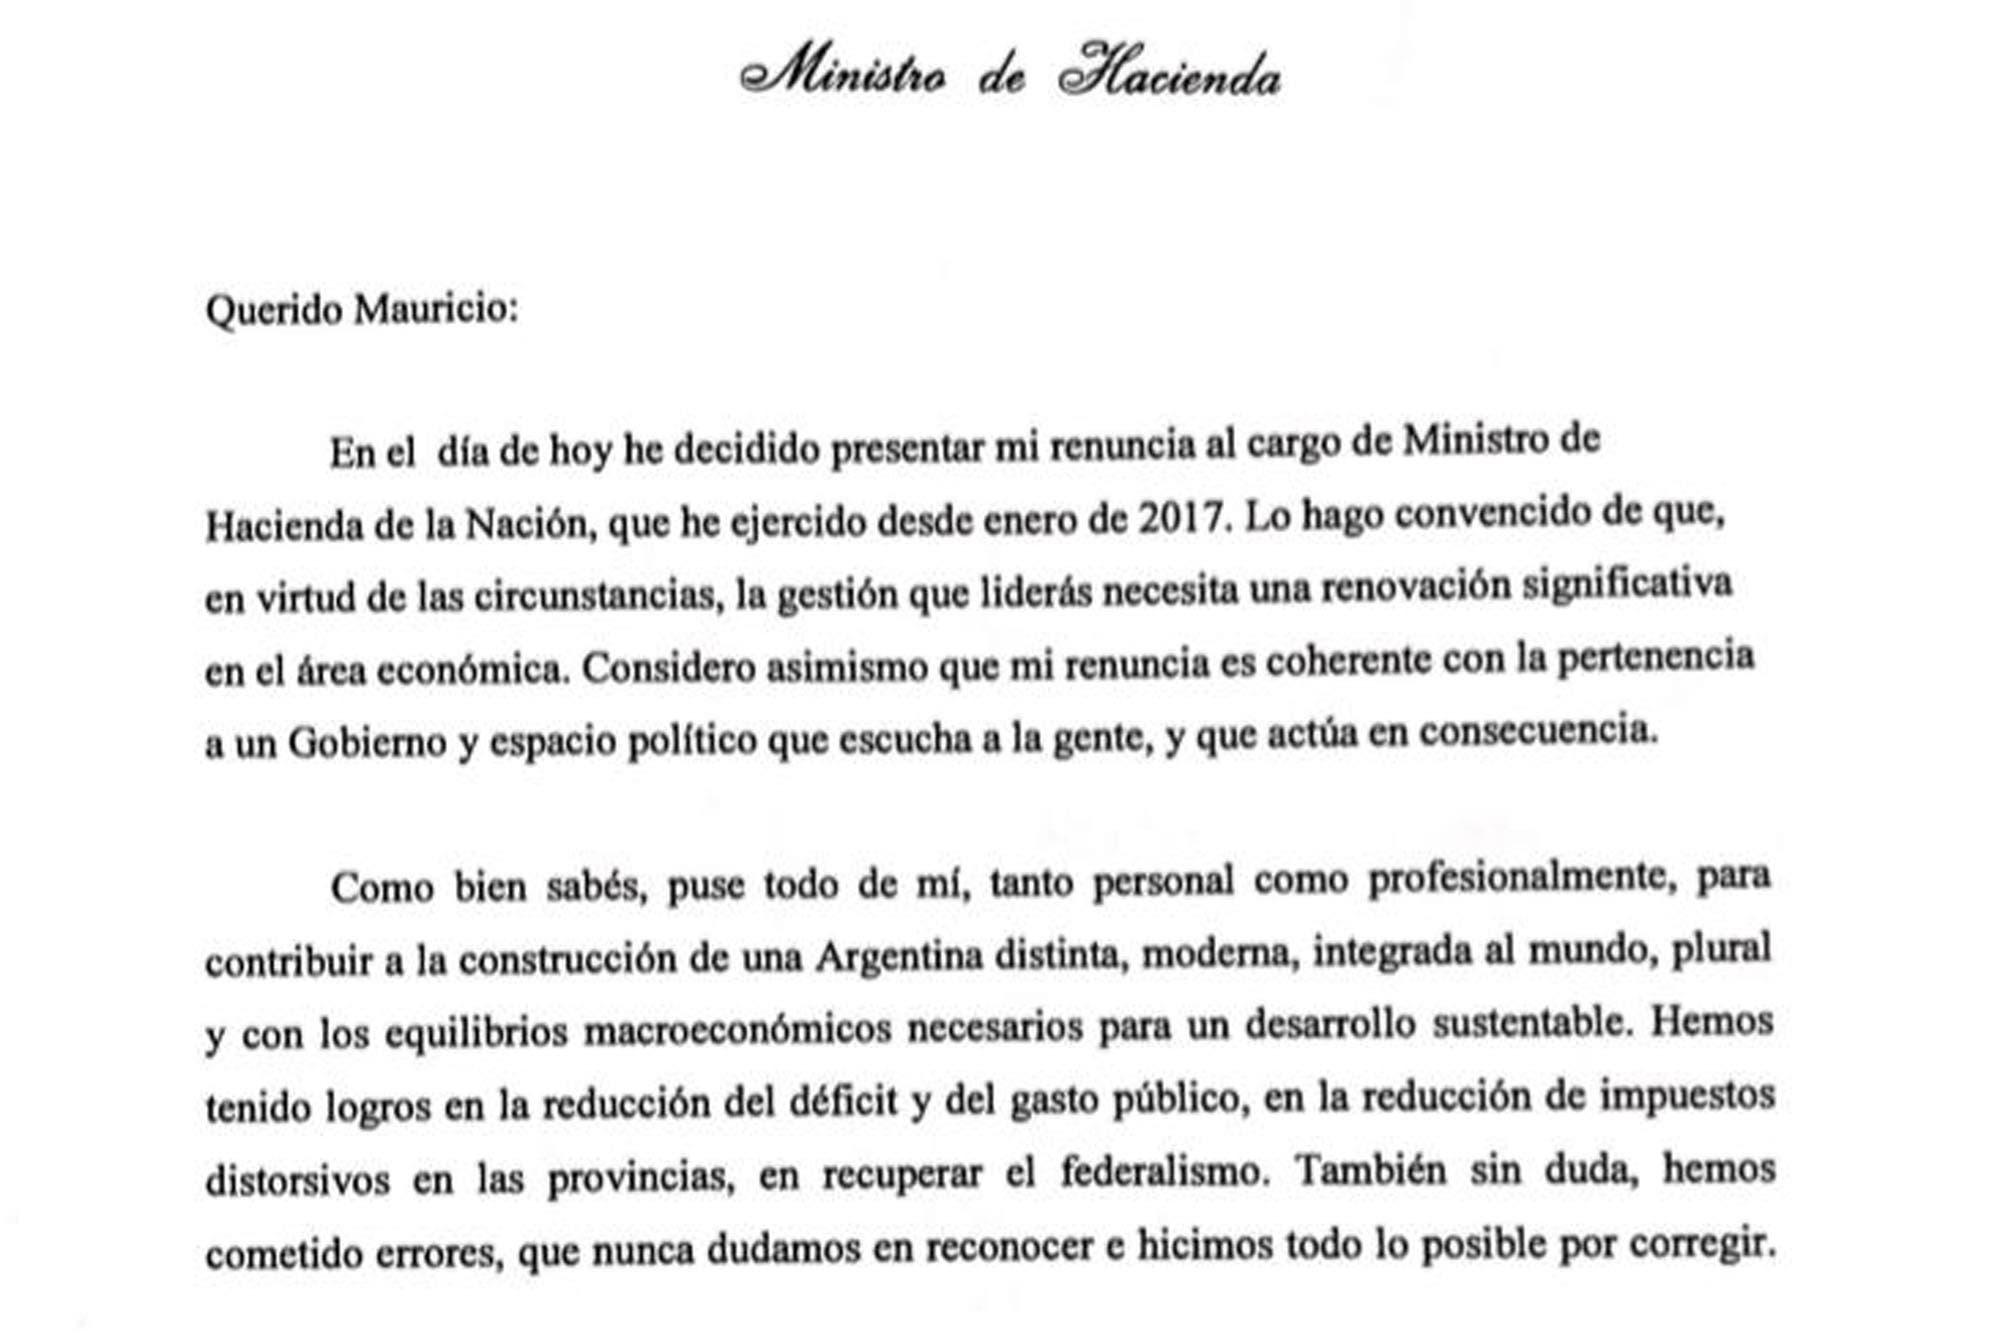 """""""Sin dudas, hemos cometido errores"""", escribió Nicolás Dujovne en el texto de su renuncia entregado a Mauricio Macri"""